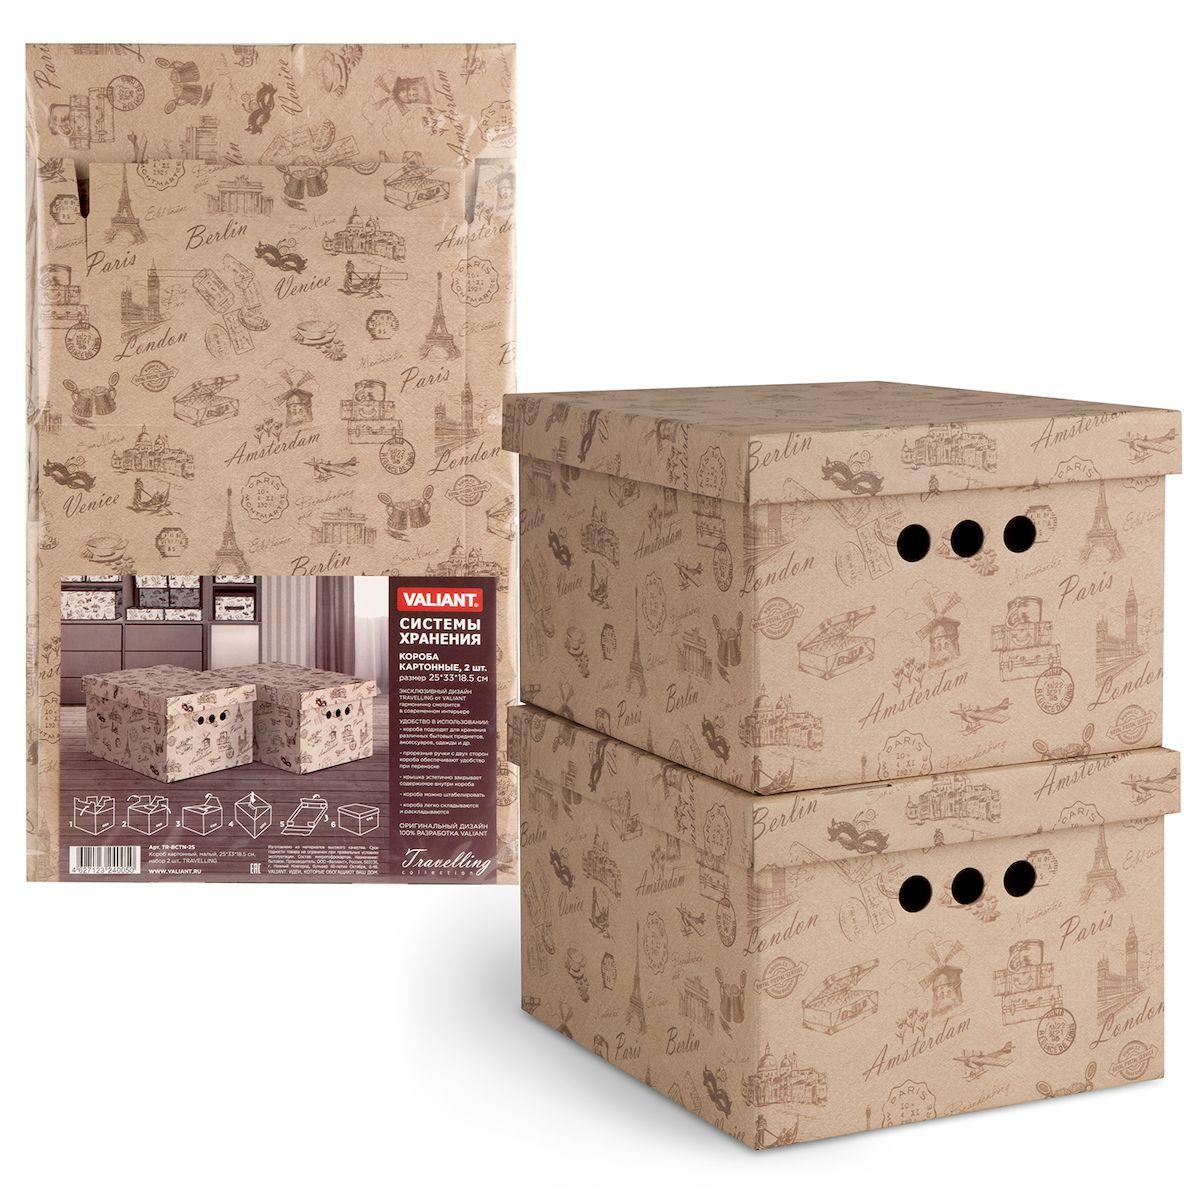 Короб для хранения Valiant Travelling, 25х33х18,5 см, складной, 2 штTR-BCTN-2SКороб картонный Valiant Travelling легкий и прочный. Короб являются самосборным (на упаковке имеется удобная инструкция по сборке). Благодаря прорезным ручкам с двух сторон коробку удобно поднимать и переносить.